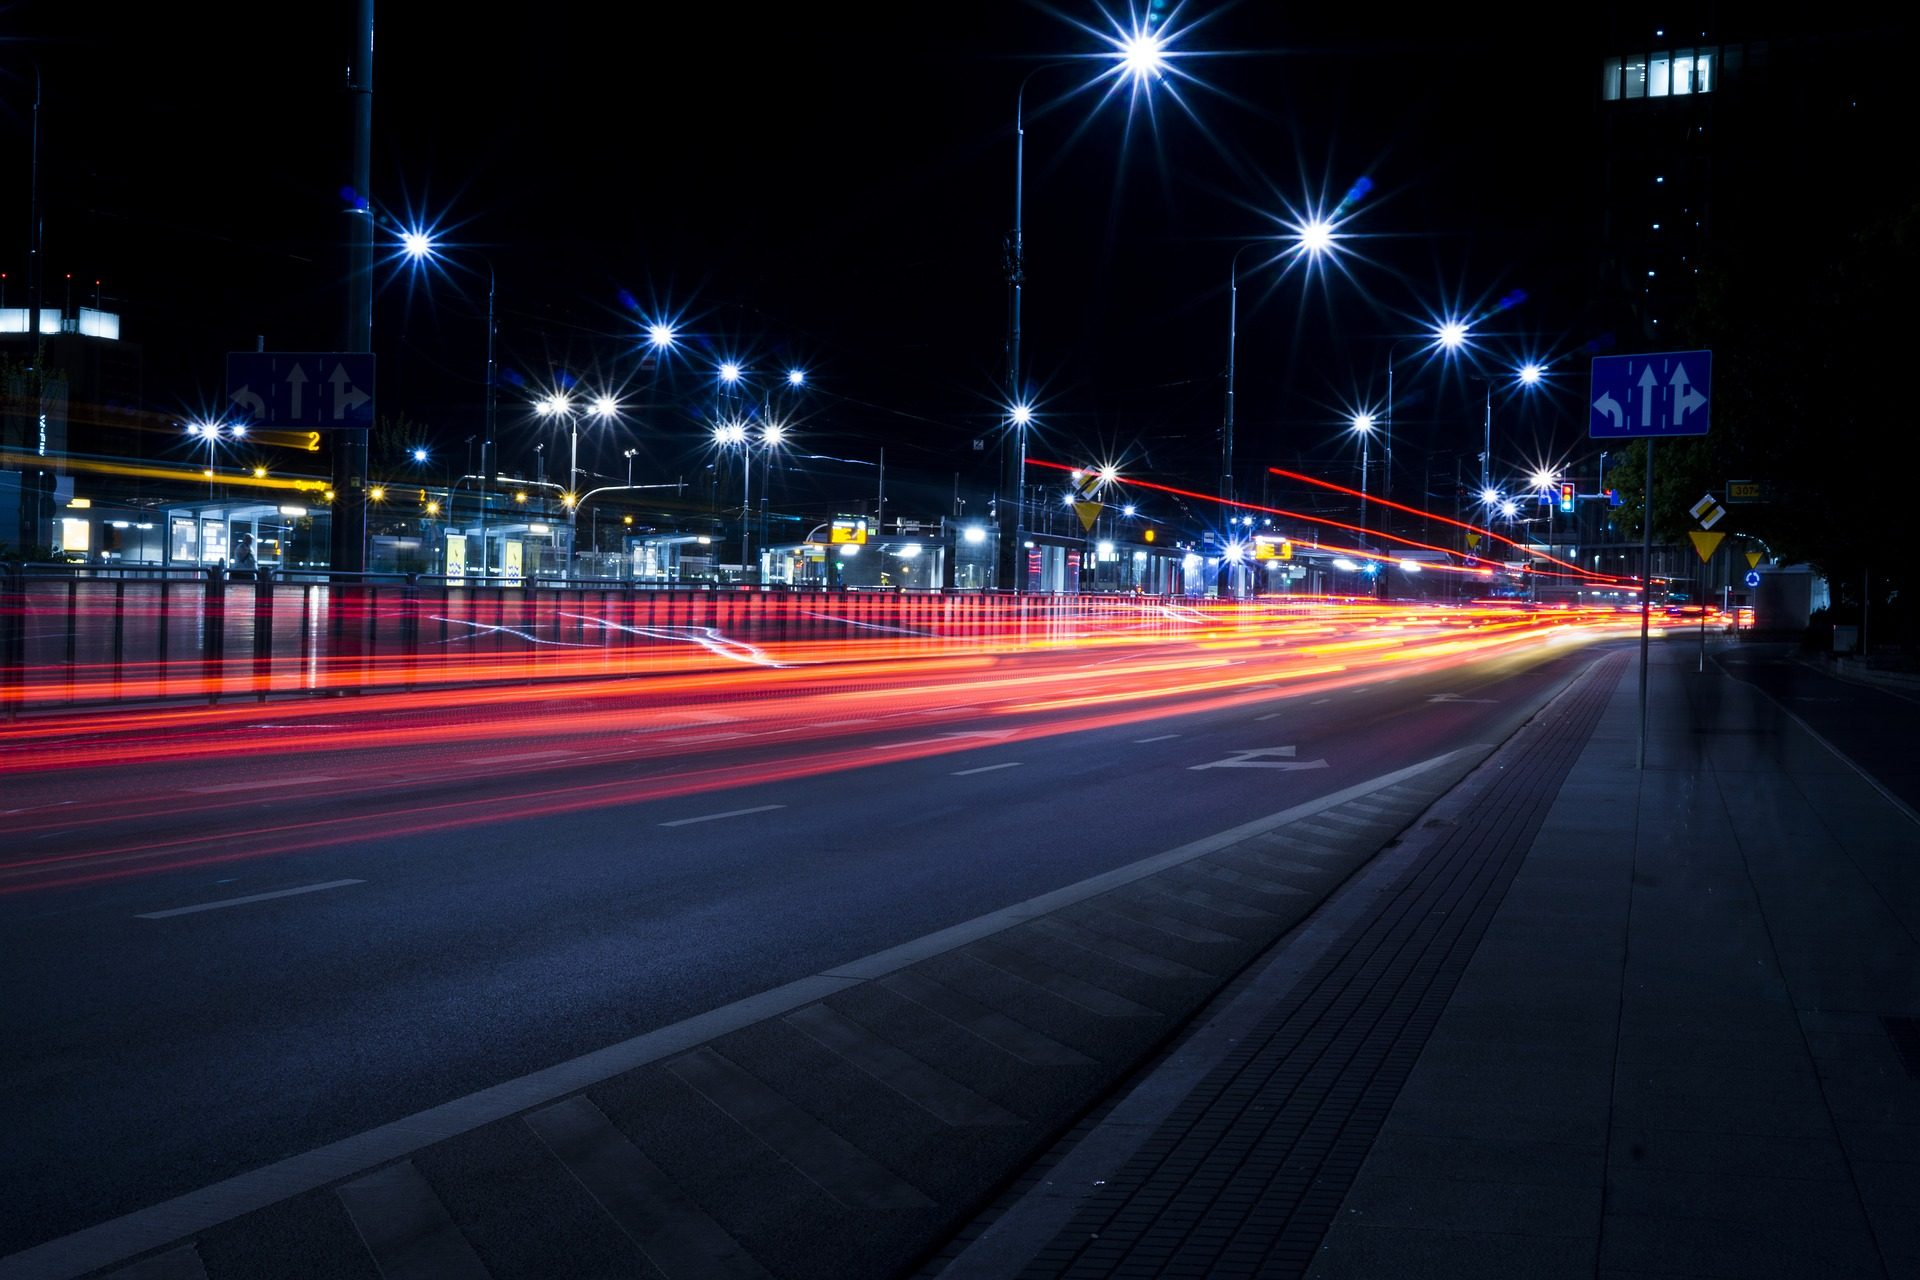 交通, 灯, 晚上, 路灯, 晕 - 高清壁纸 - 教授-falken.com